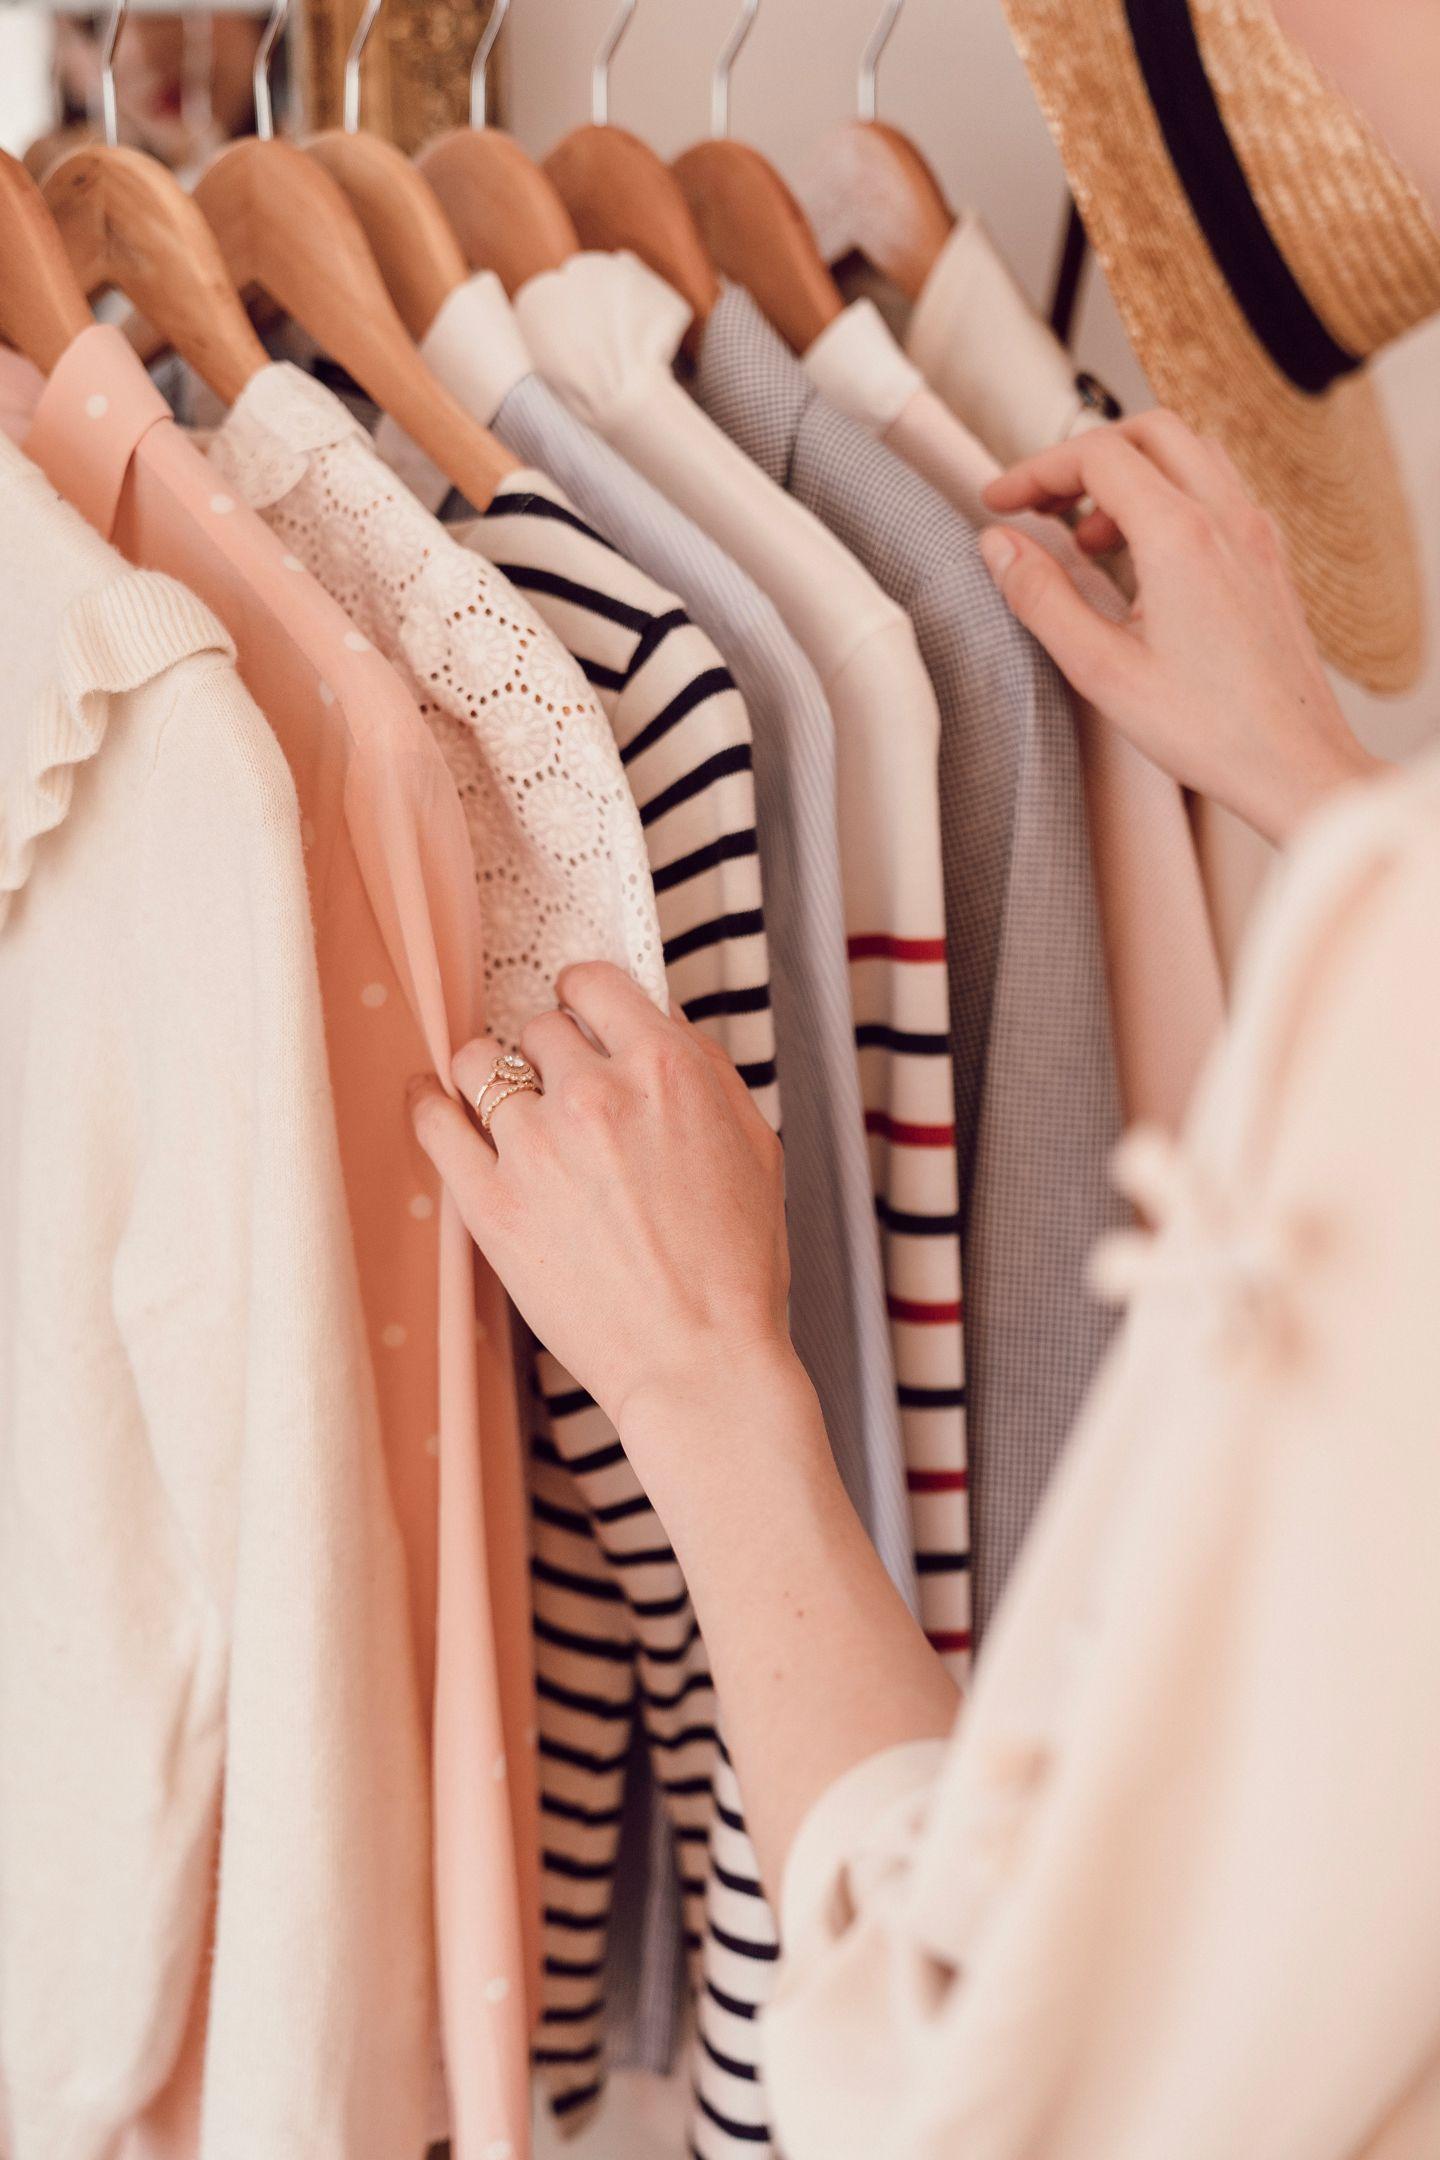 bí quyết mua sắm tại cửa hàng quần áo cũ